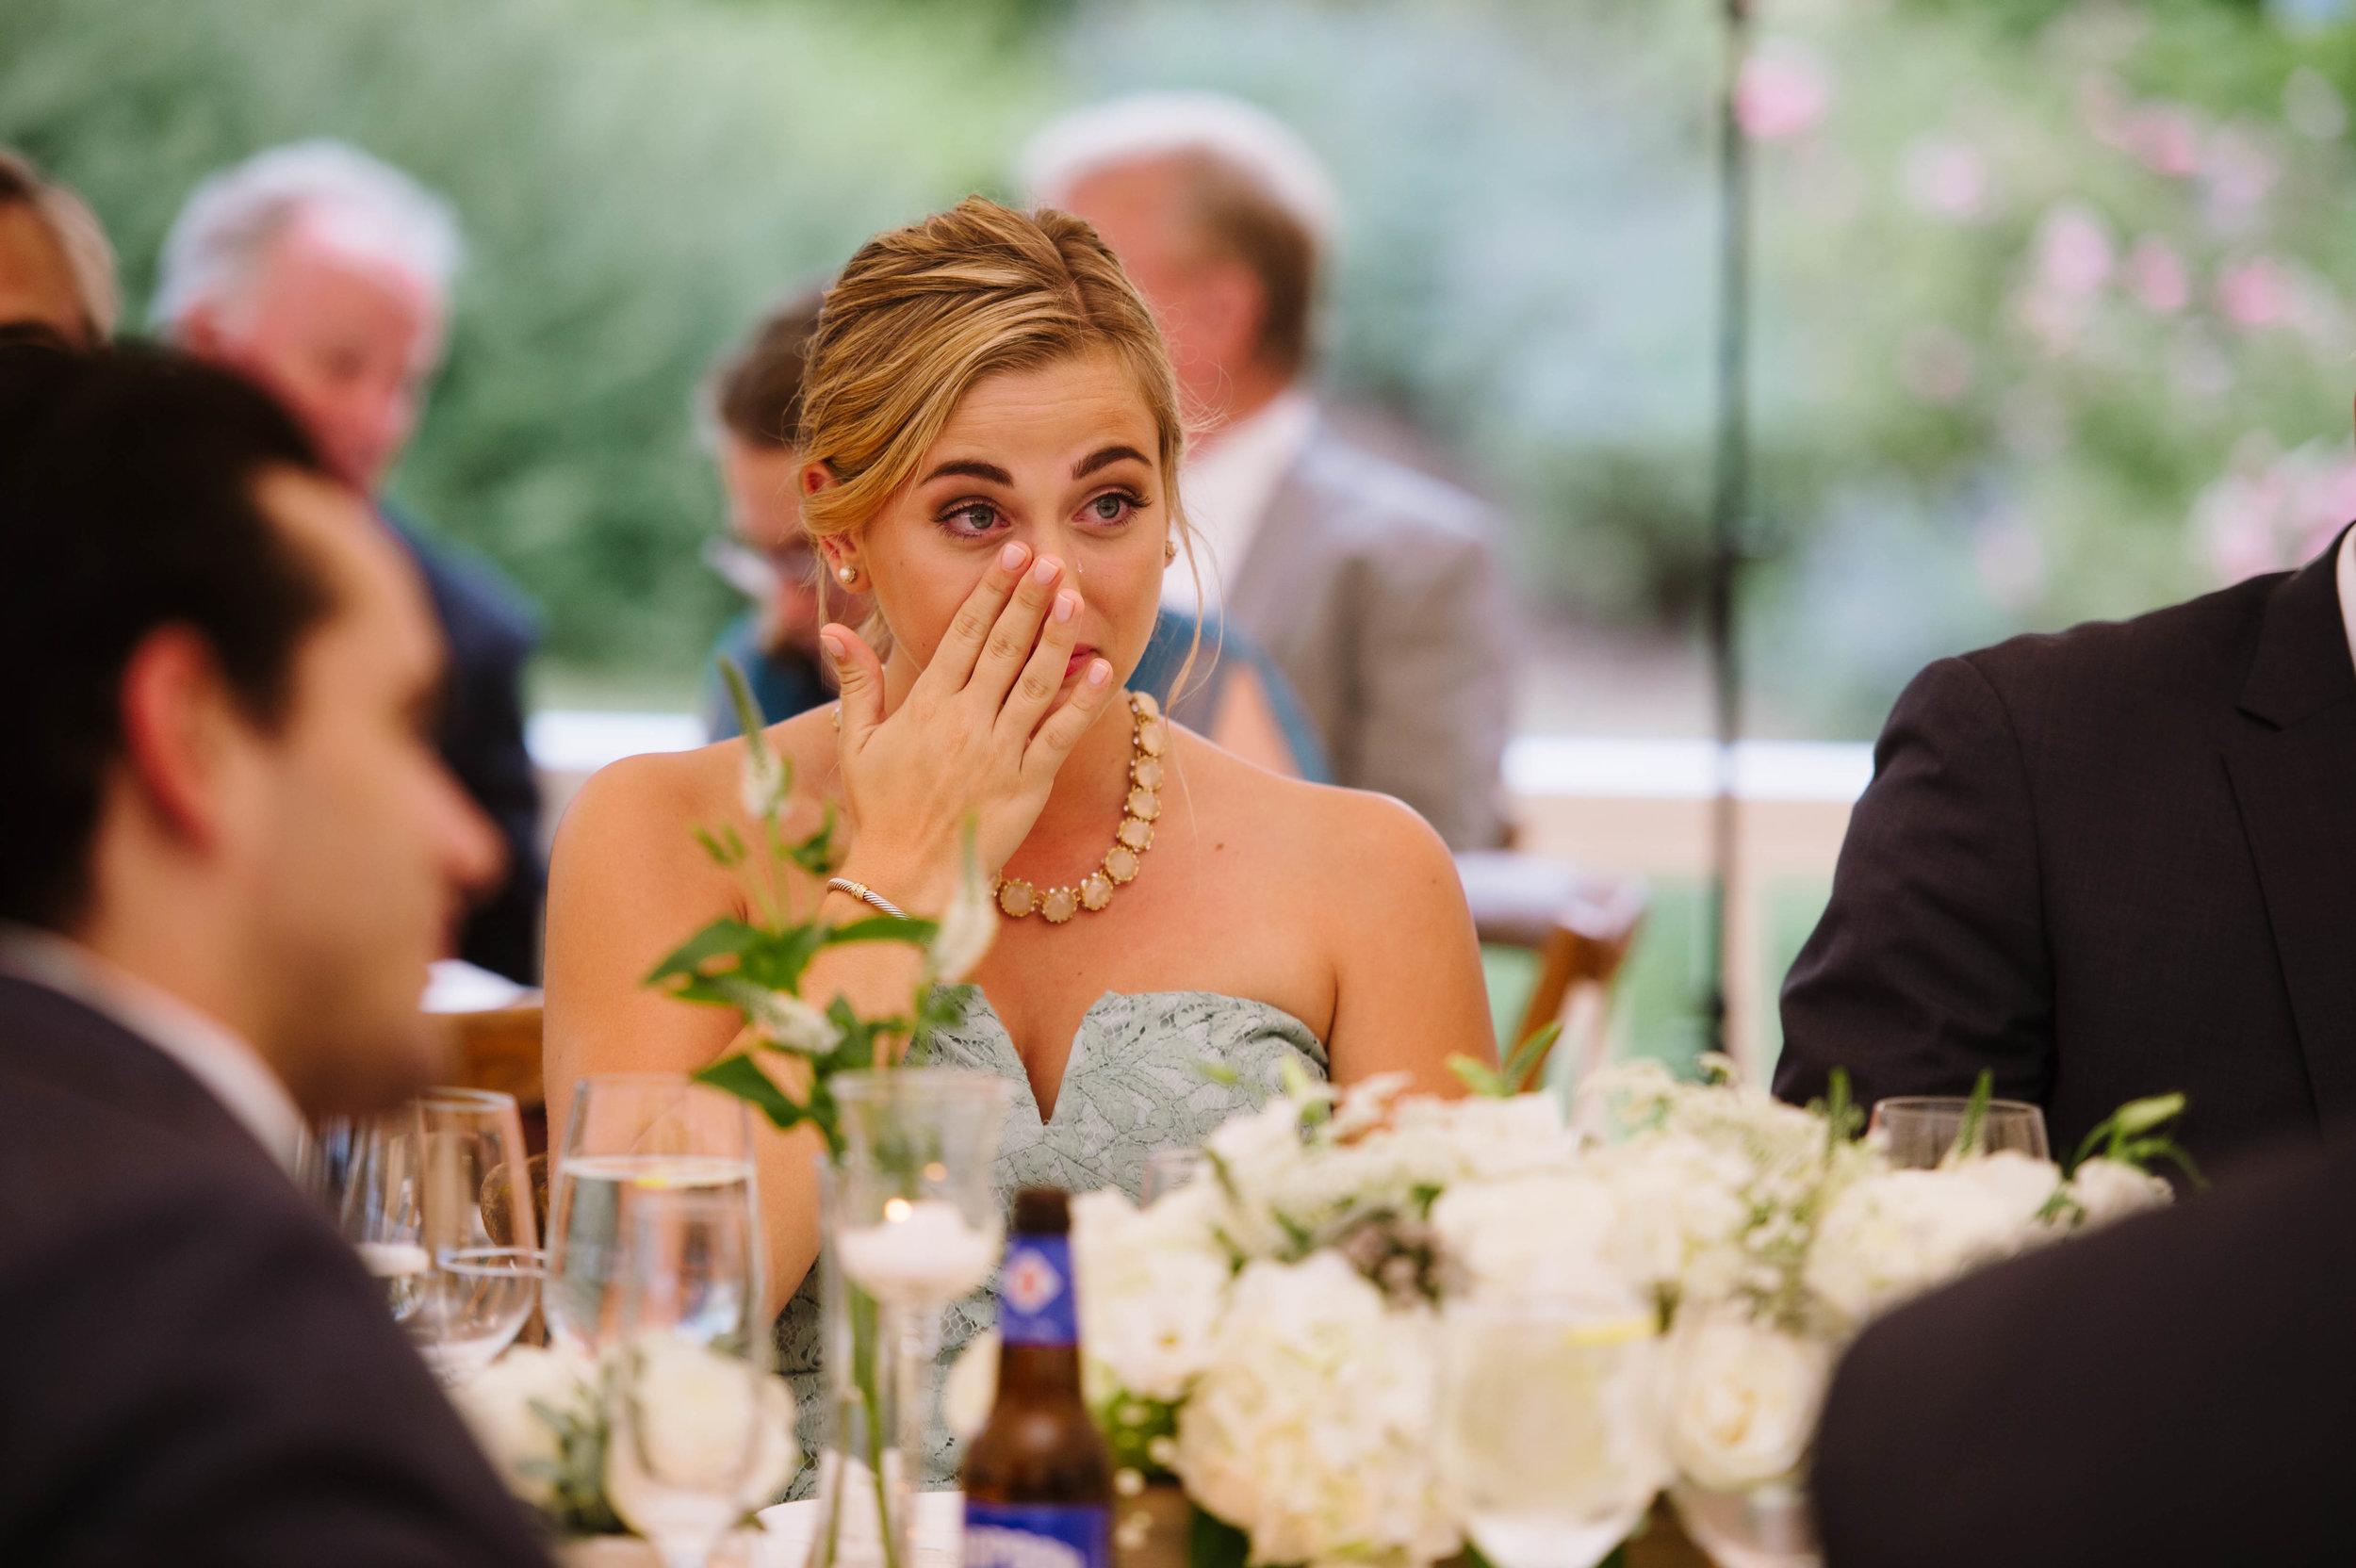 Katie-Noble-Wedding-Photography051.jpg